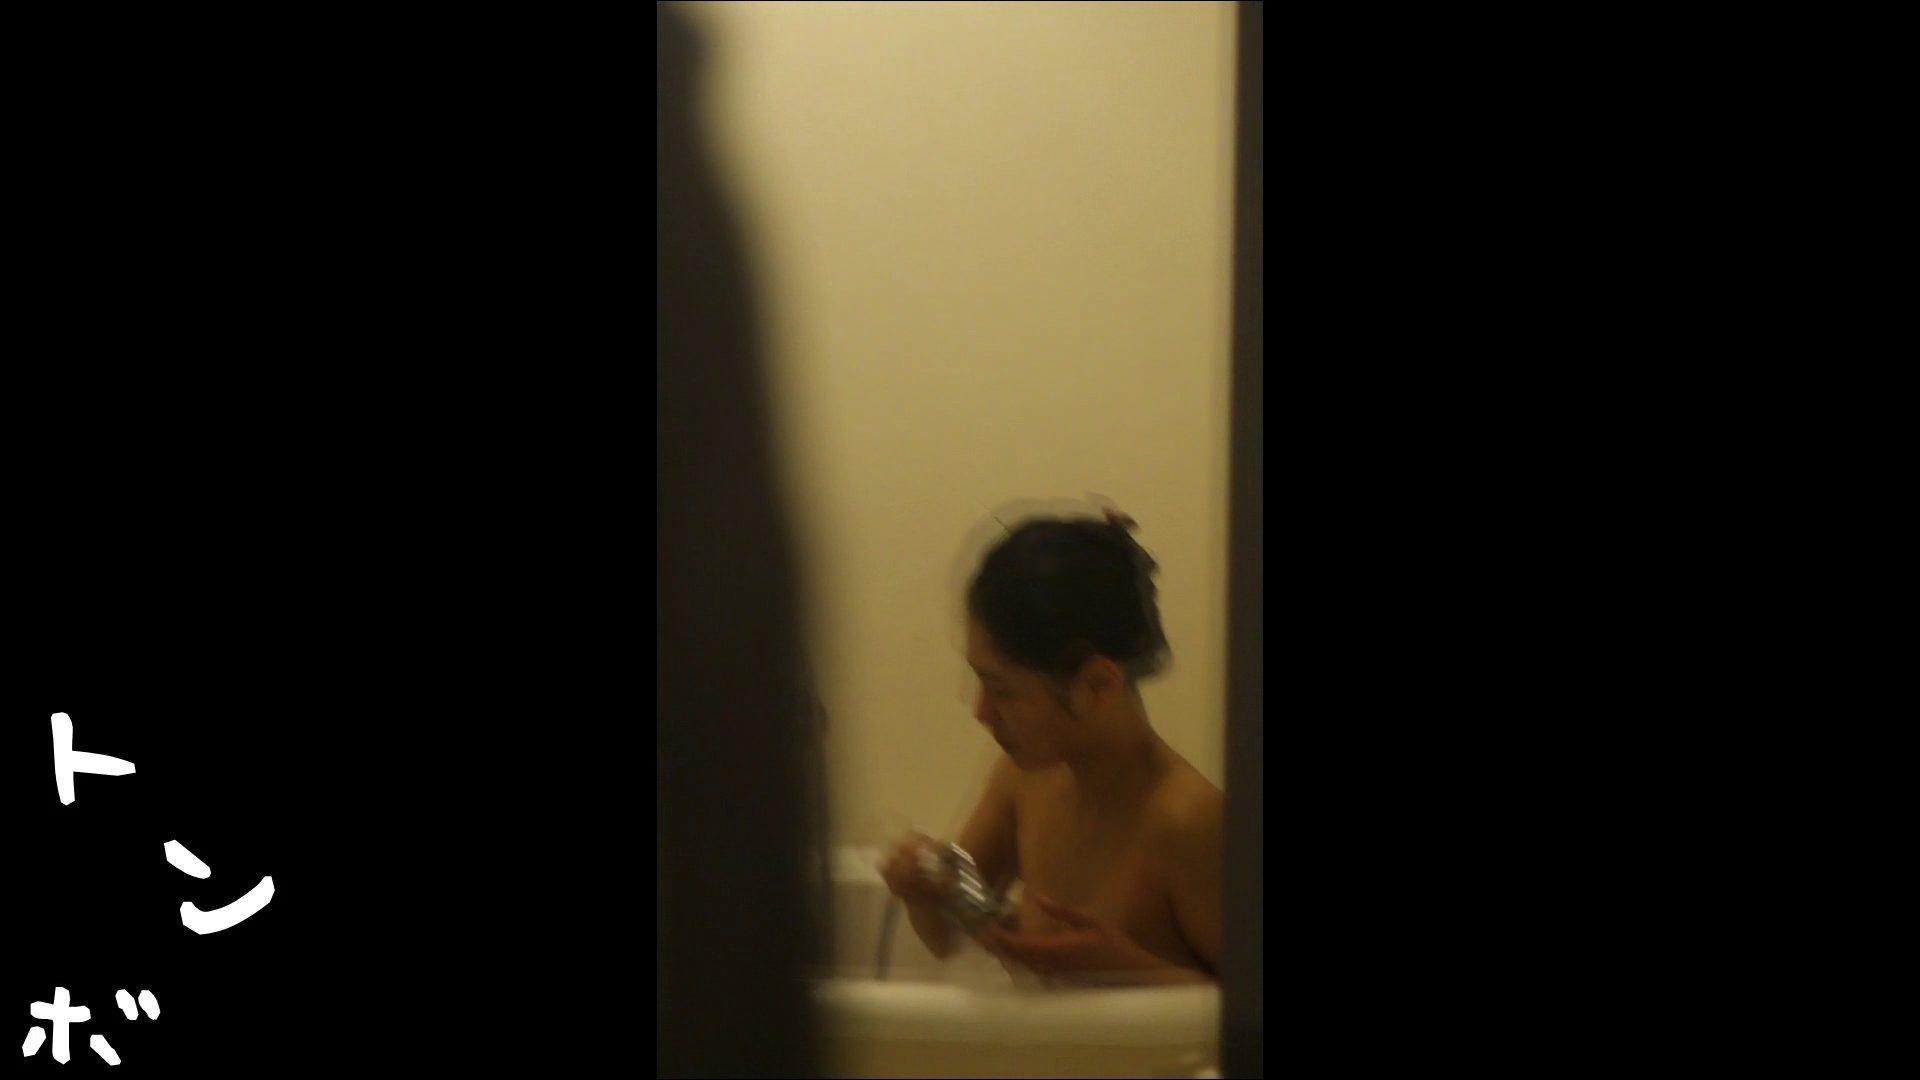 リアル盗撮 オナニー有り!現役モデルのシャワーシーン1 シャワー 盗撮アダルト動画キャプチャ 32pic 10